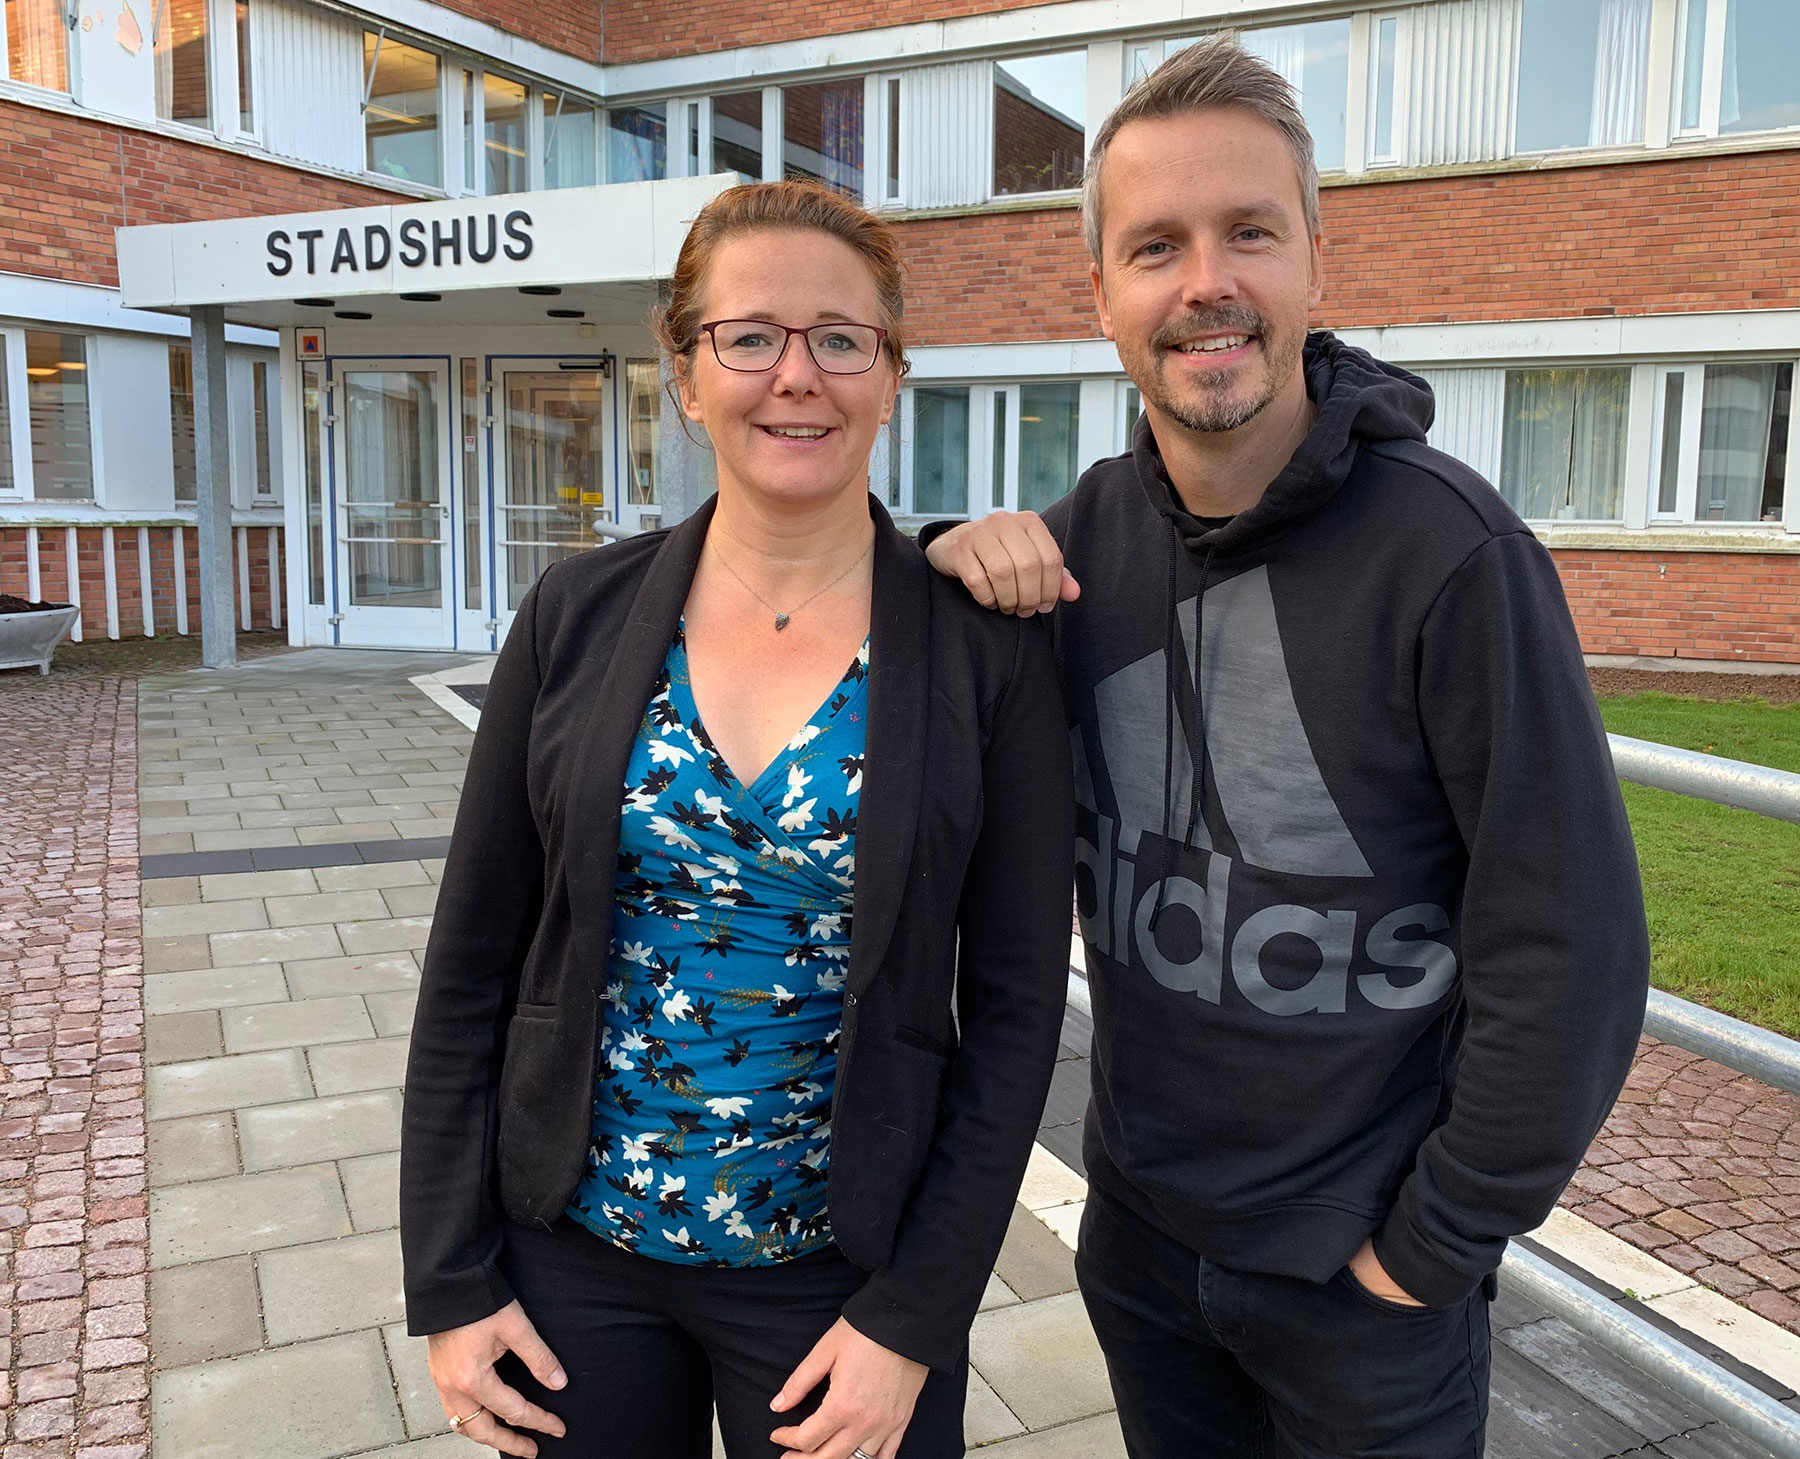 Glada över nomineringen till Guldpilen är HR-chef Anna Nordén och HR-strateg Fredrik Dahl